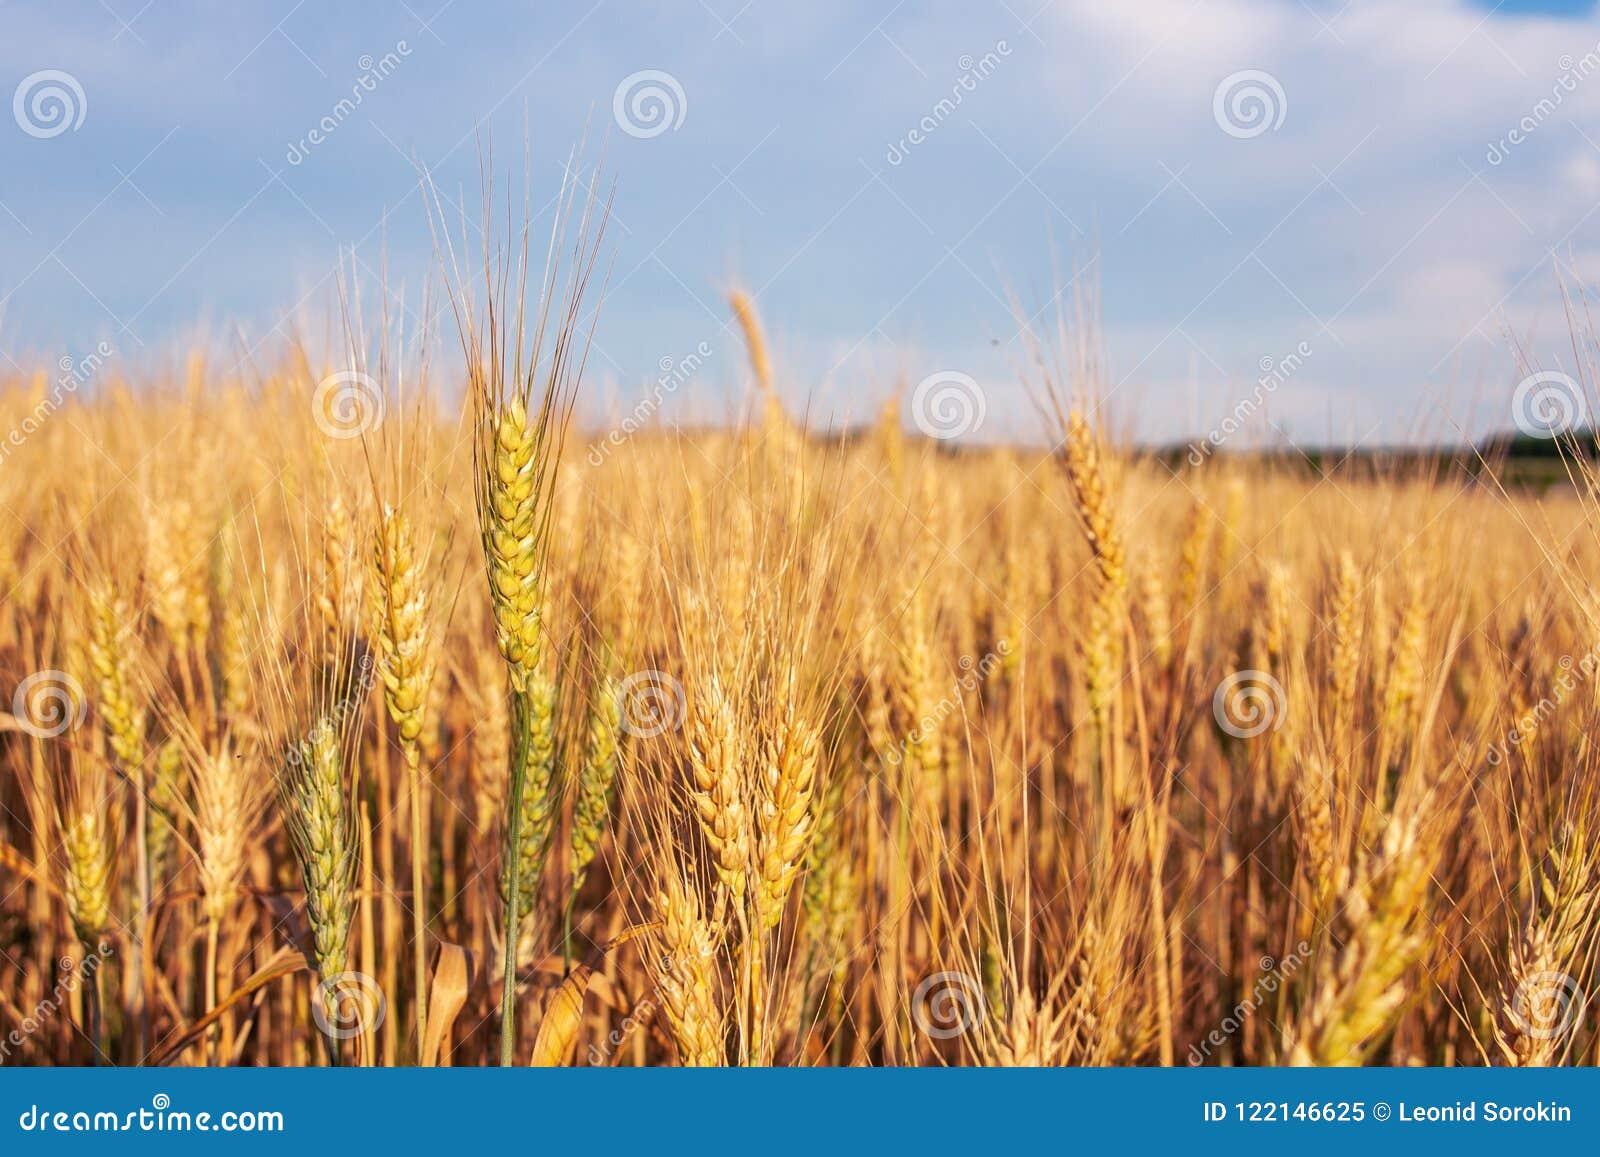 Sommarlandskap med vetefältet och himmel